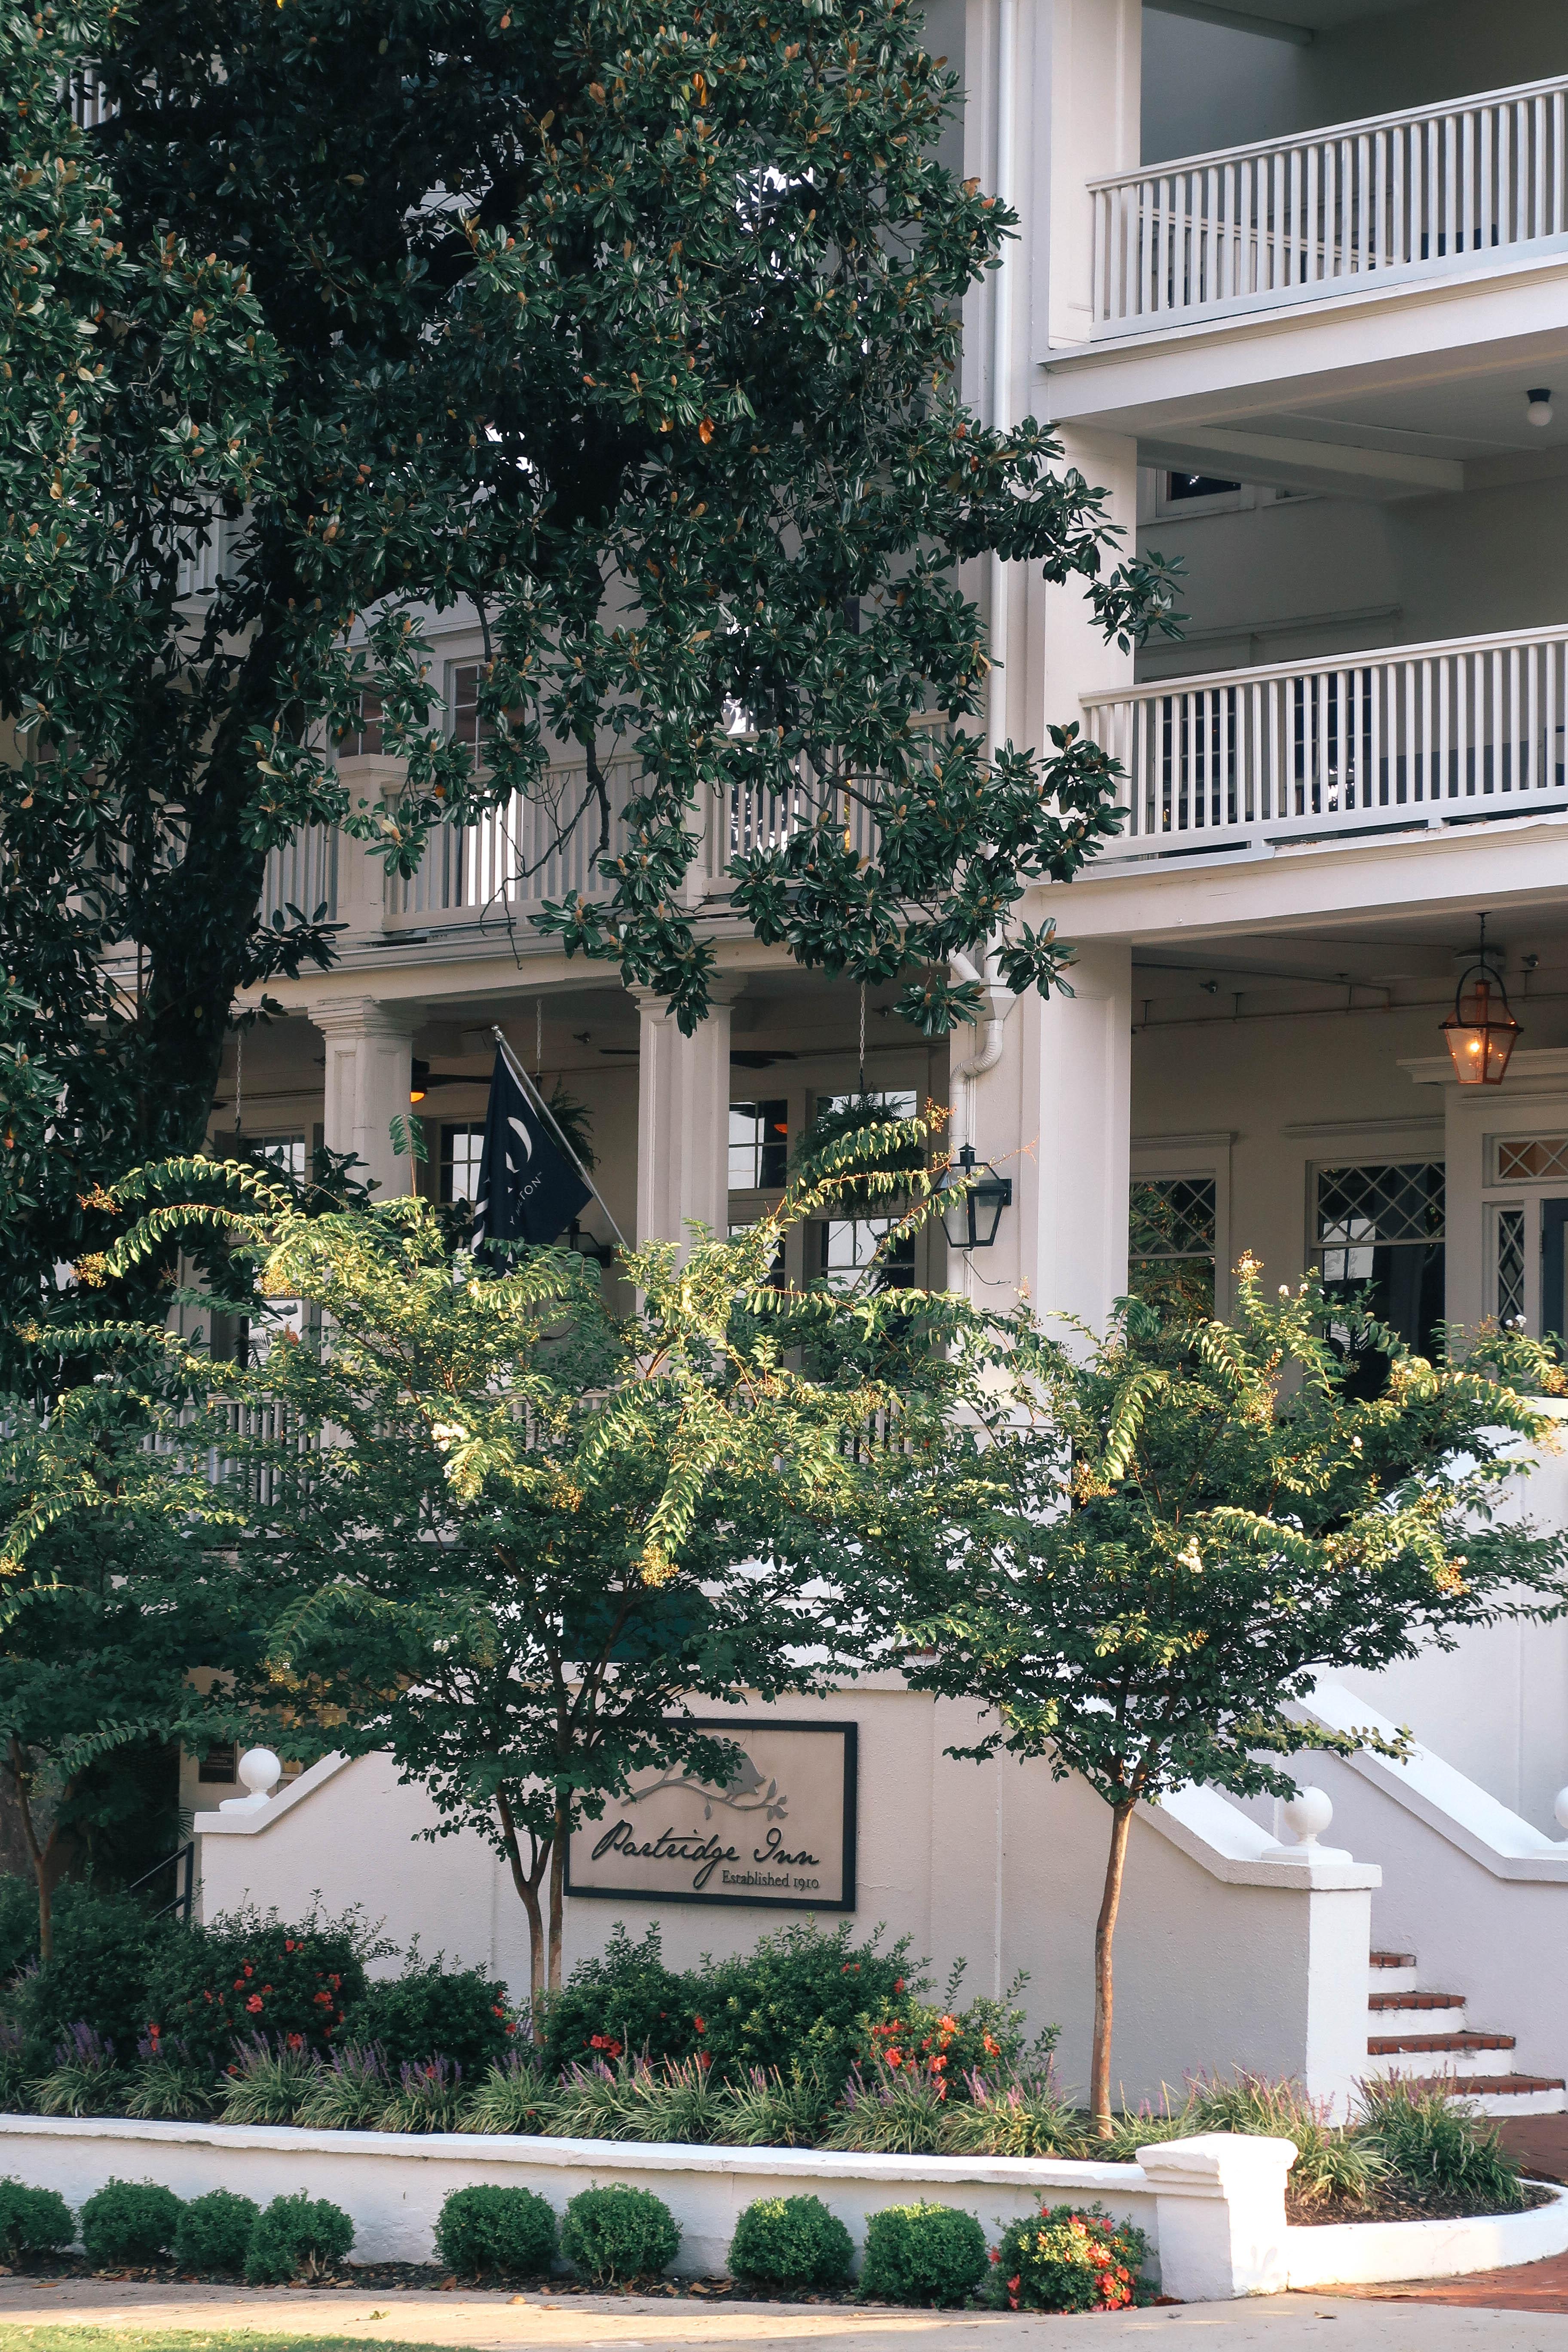 The-Partridge-Inn-Augusta-Georgia-Review-2